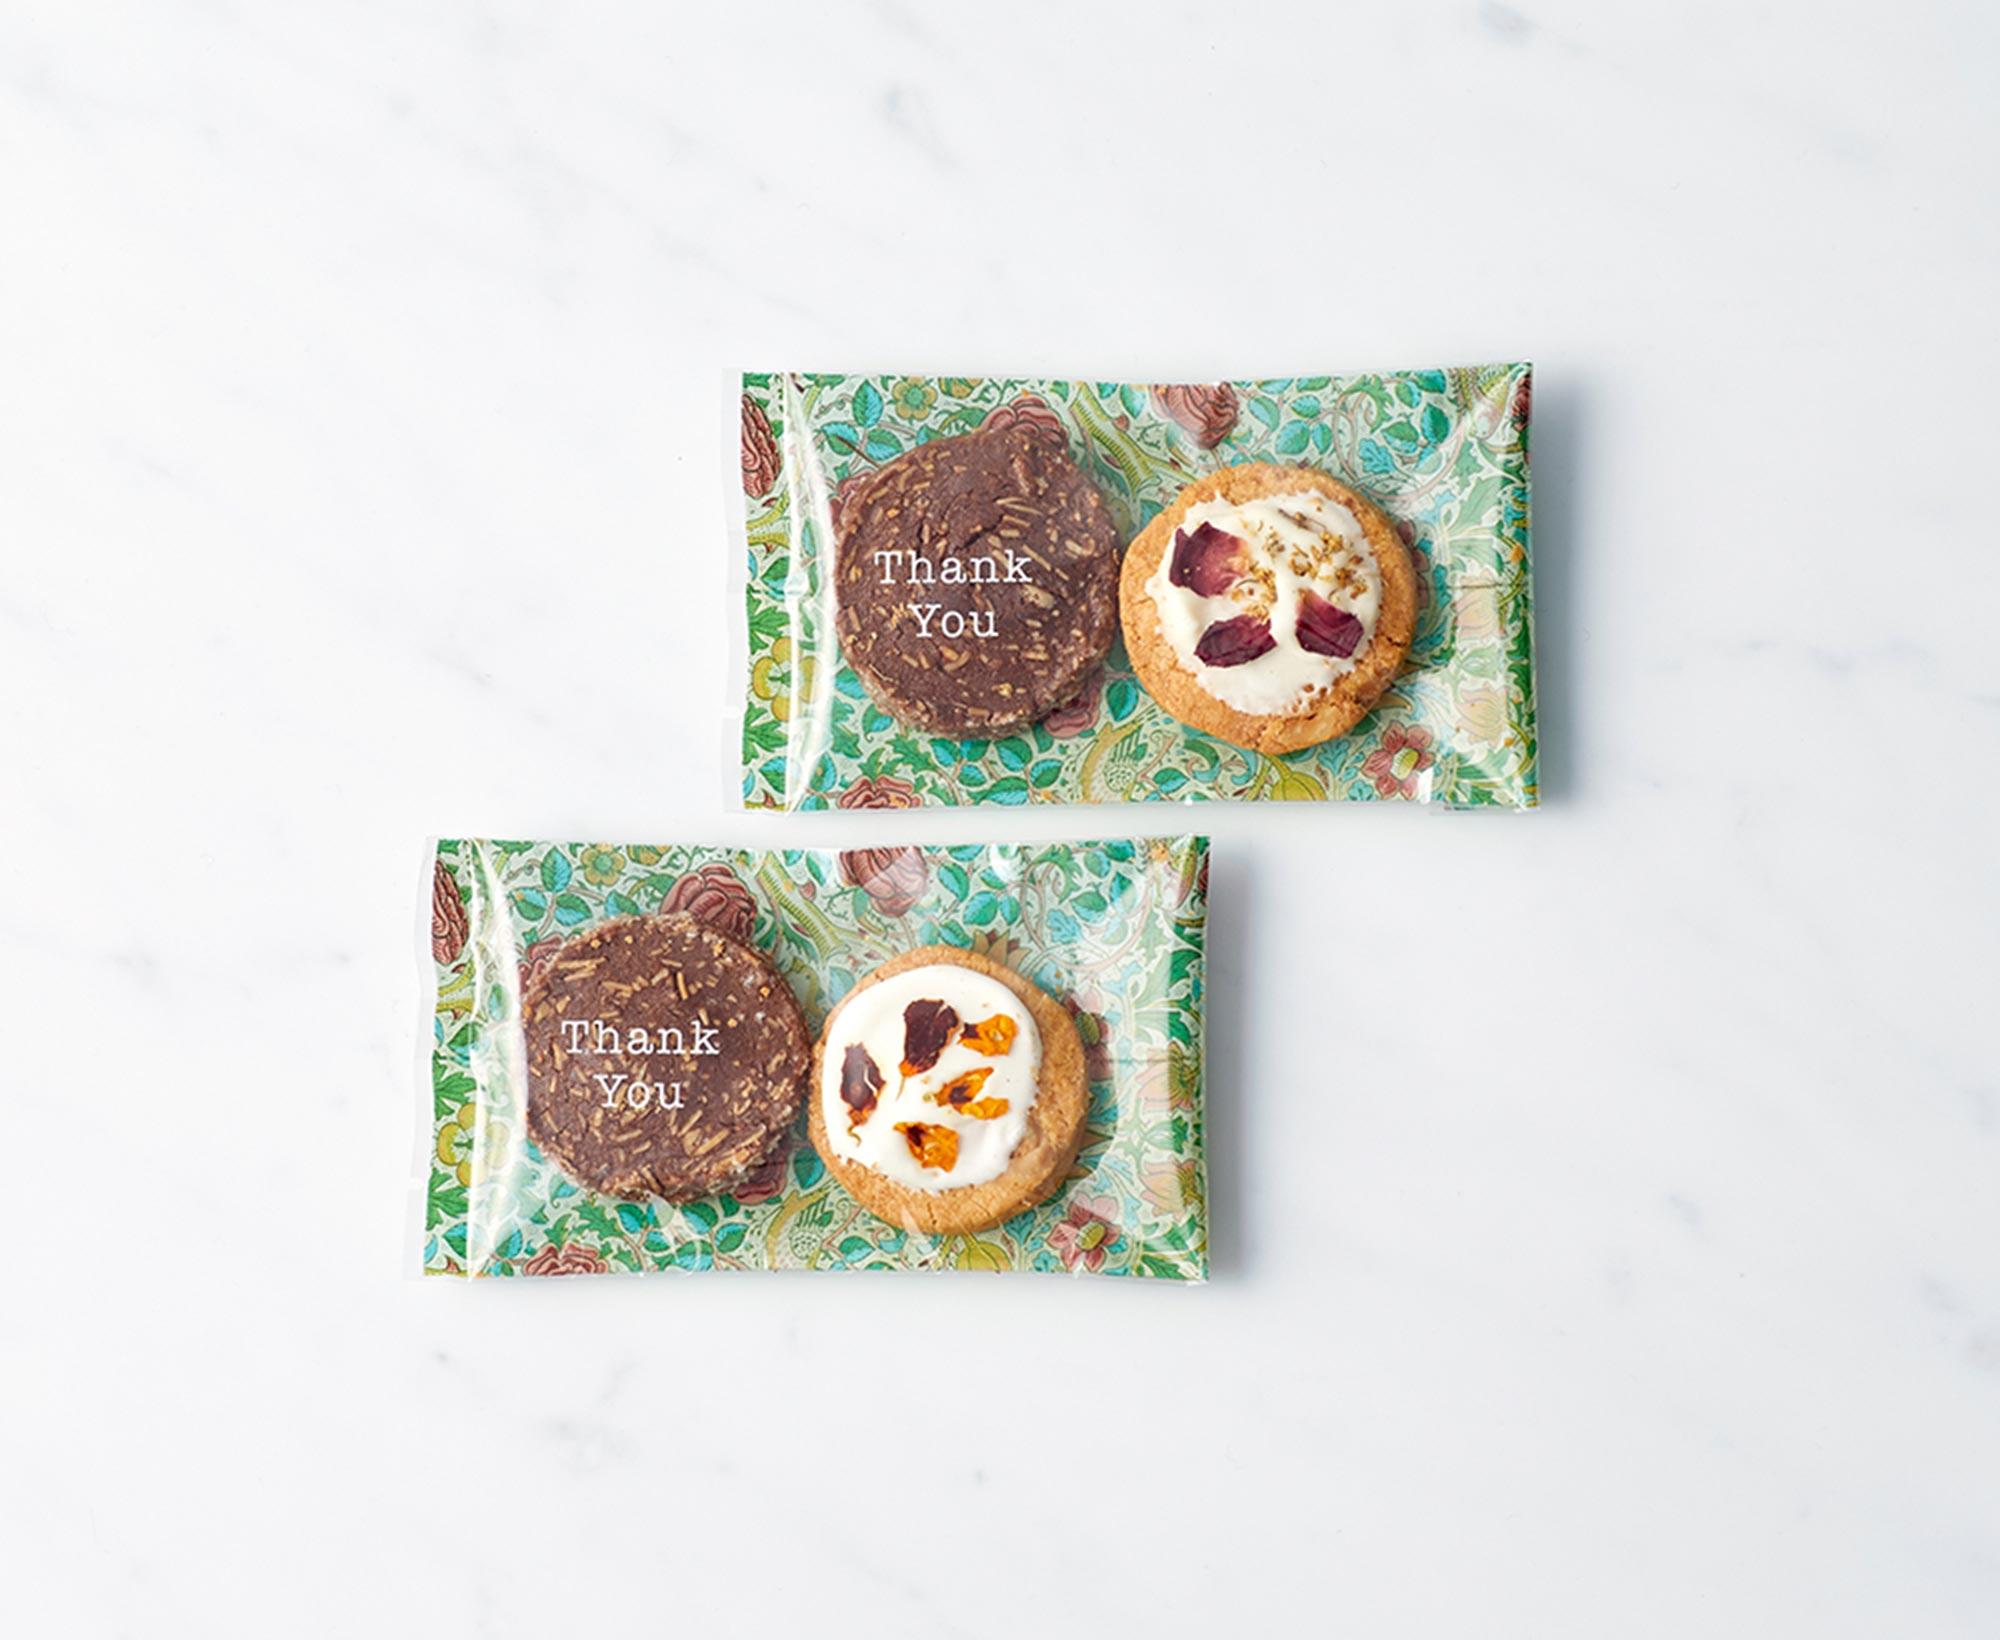 お花のクッキー[タニクハンモック] 1